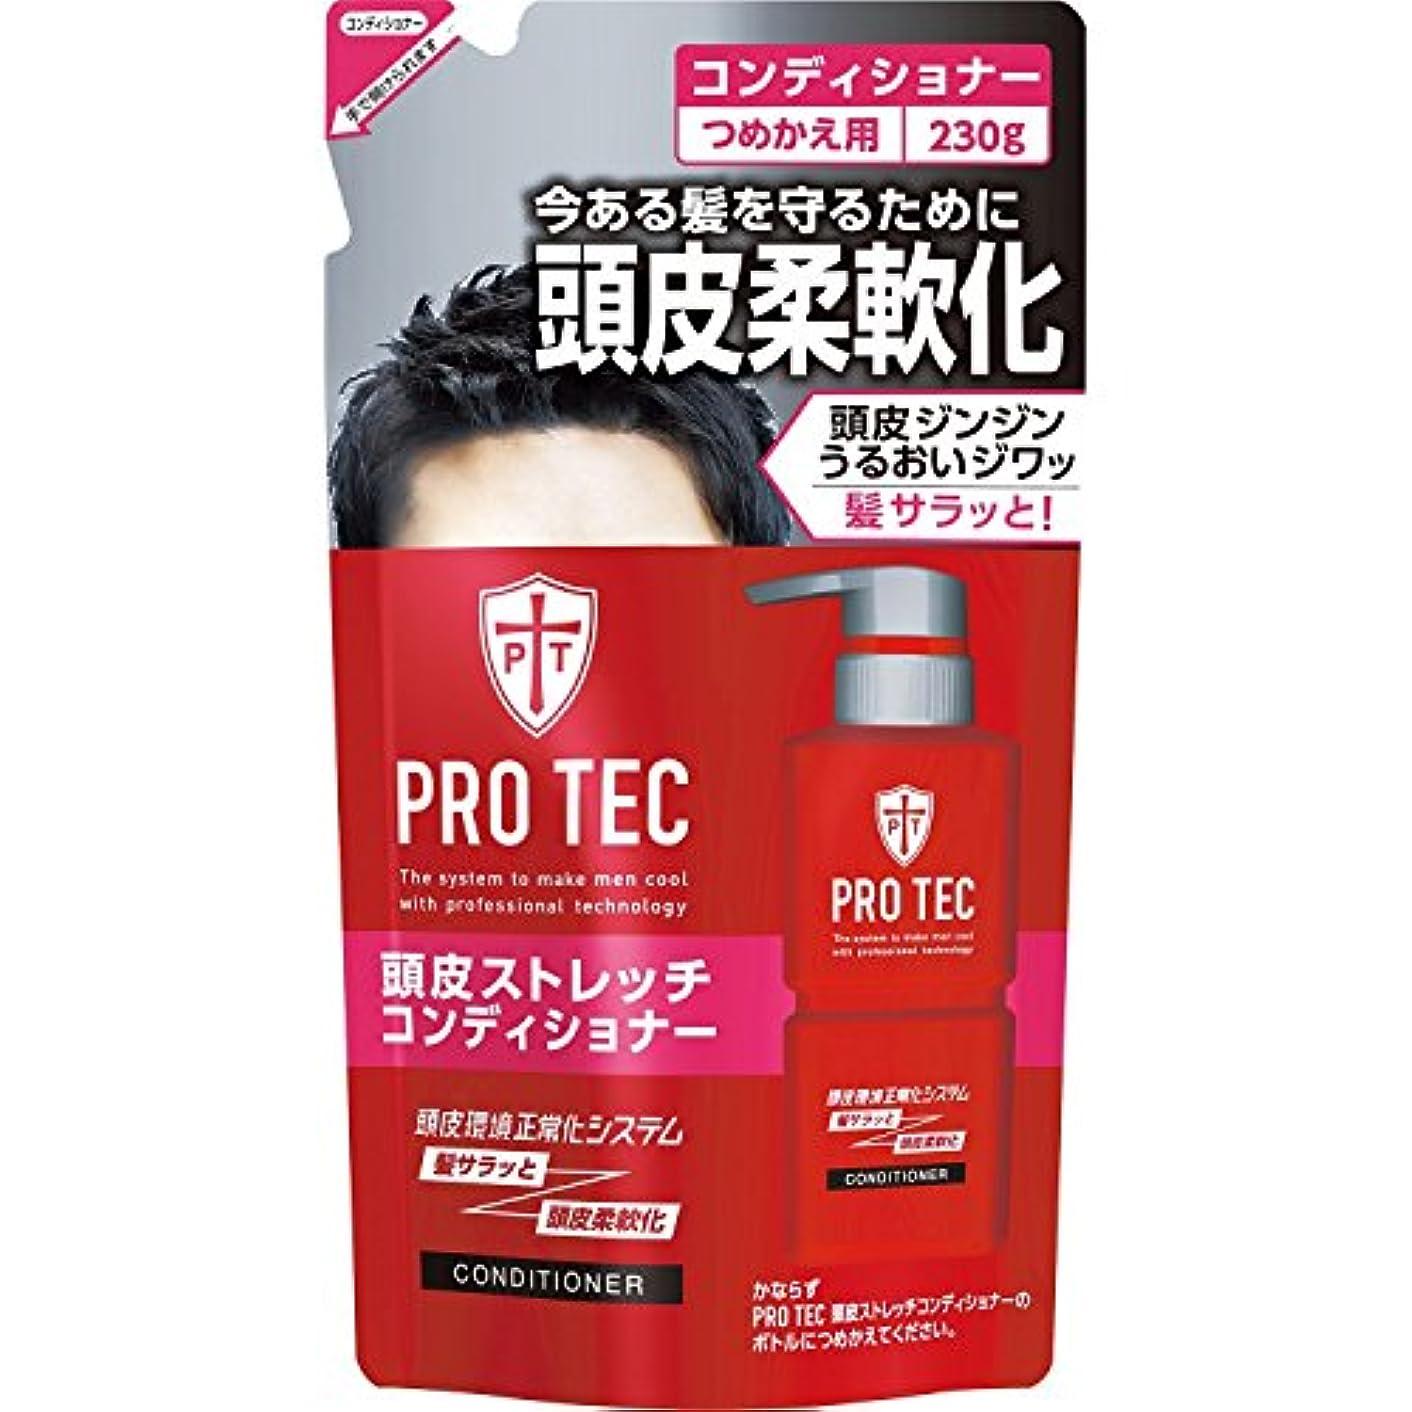 くるみ比較なぜPRO TEC(プロテク) 頭皮ストレッチコンディショナー つめかえ用 230g ×10個セット